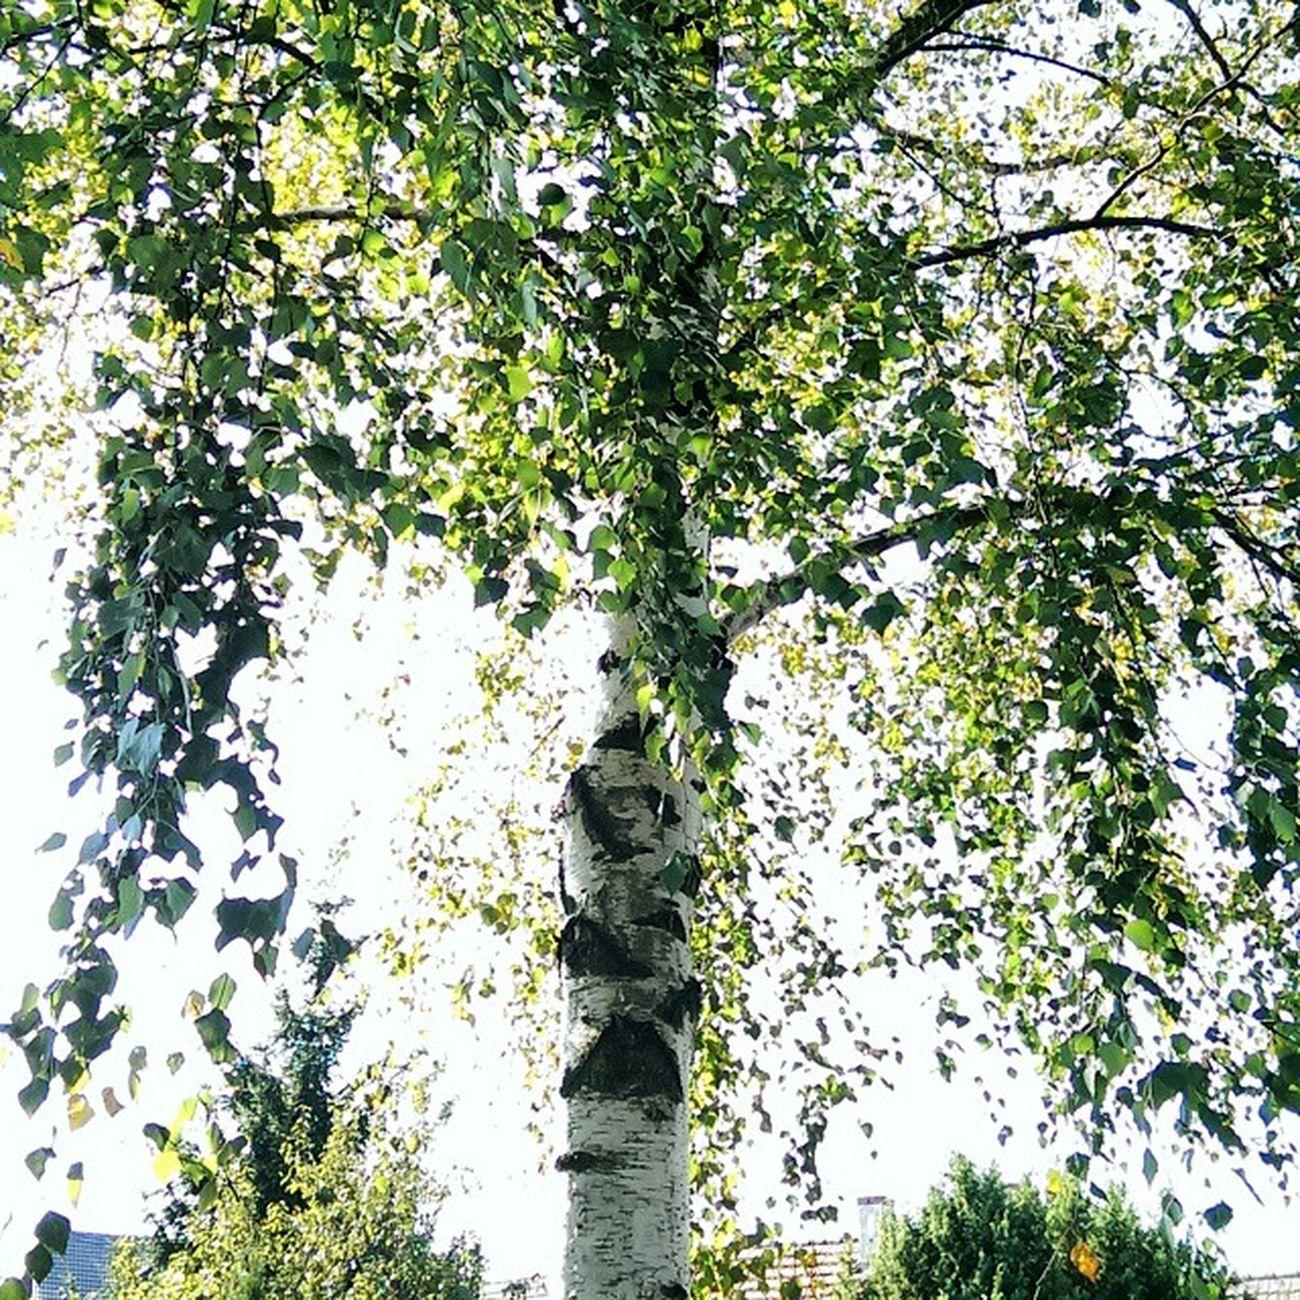 Brzoza Drzewko Tree